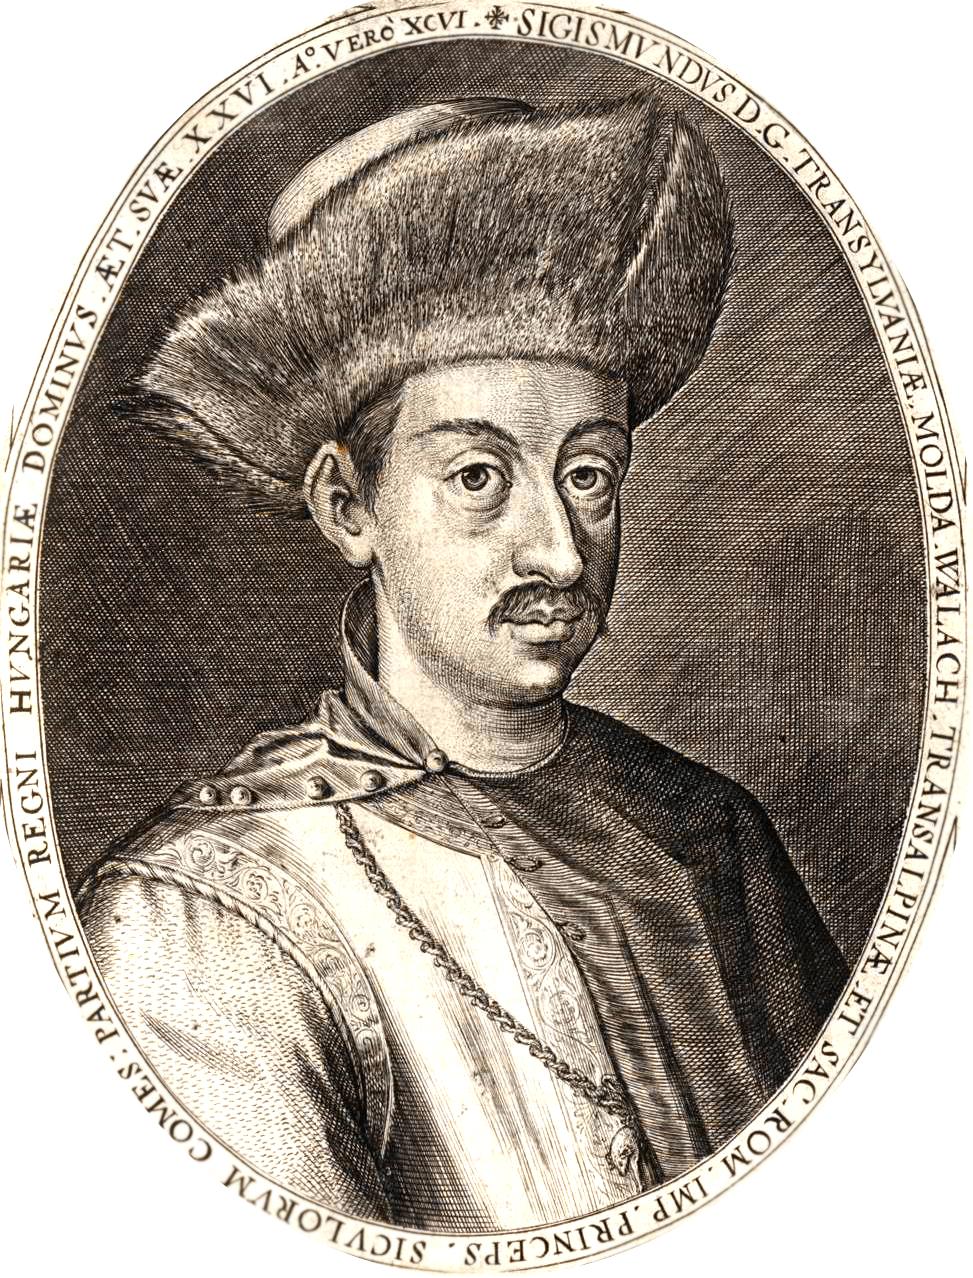 Báthory von Somlyó, Zsigmond